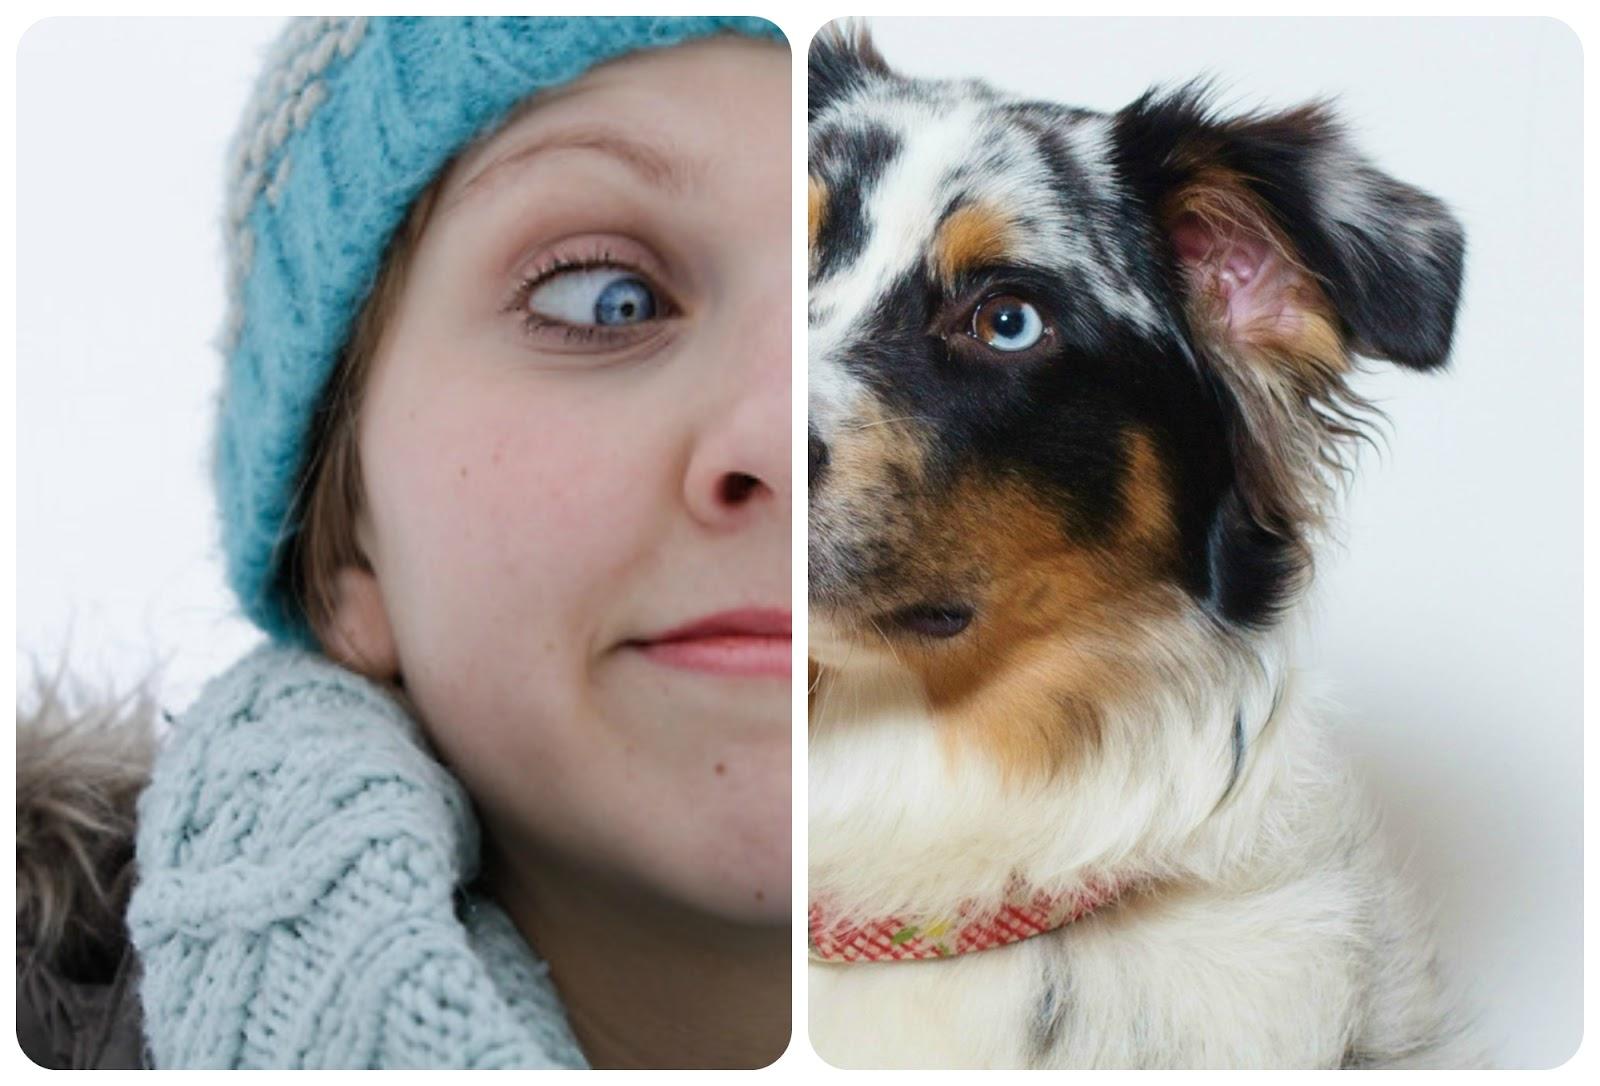 Ähnlichkeit Hund und Mensch